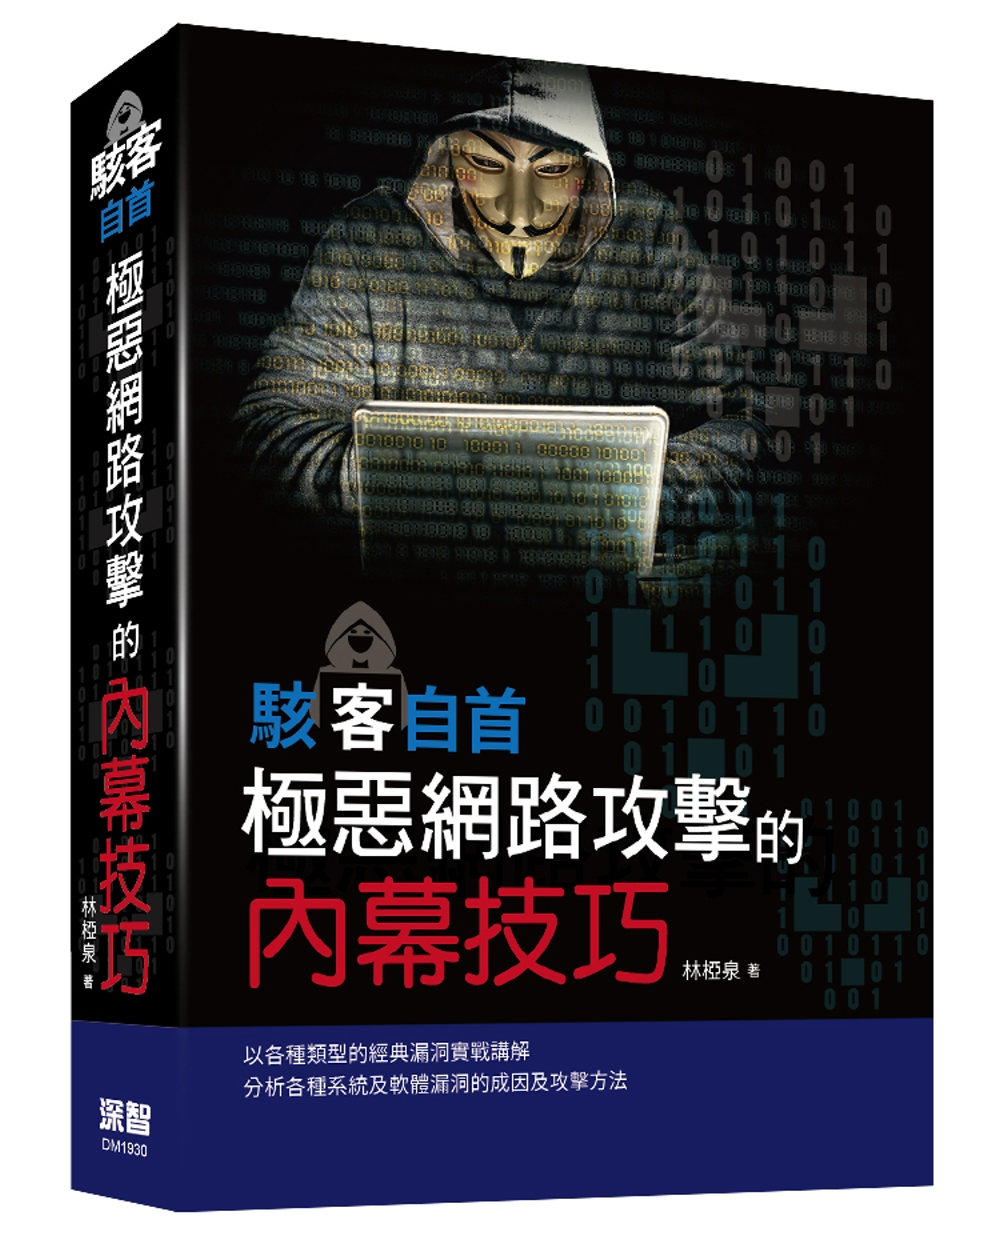 駭客自首:極惡網路攻擊的內幕技巧